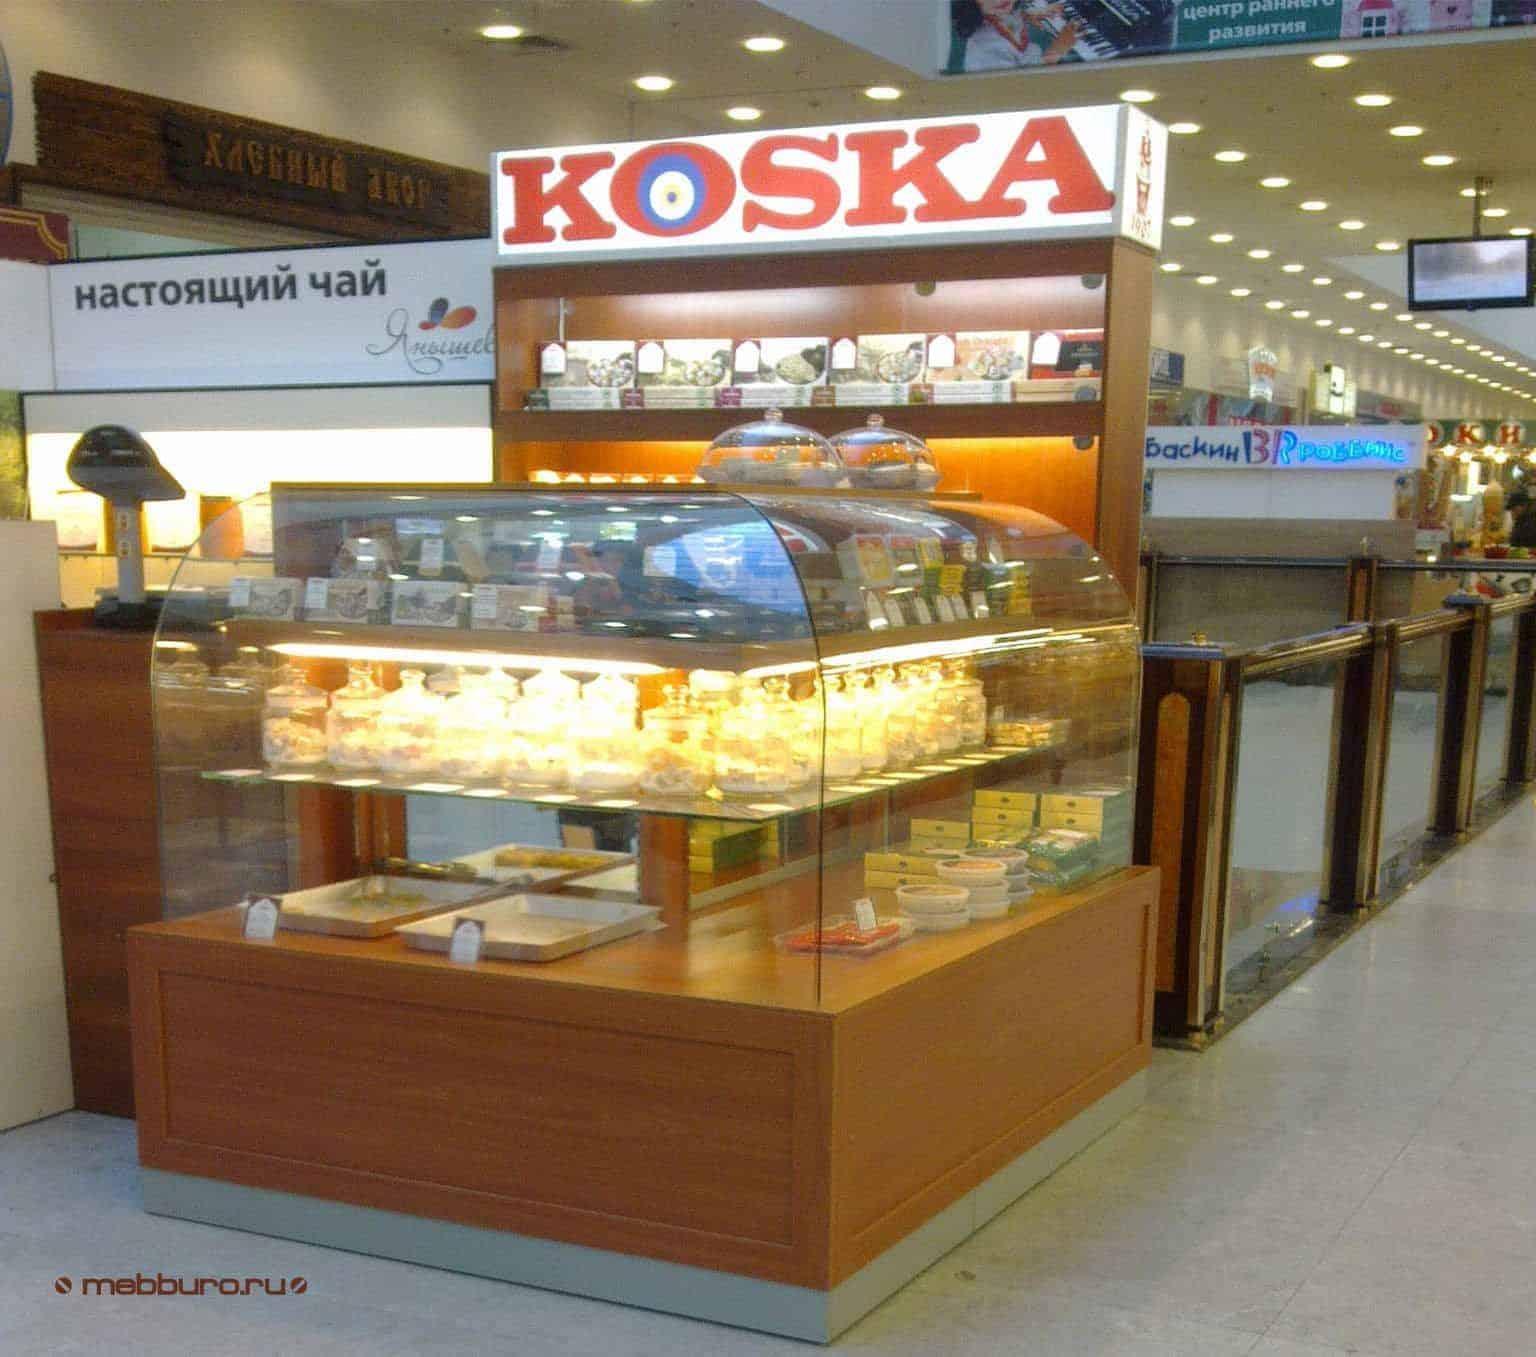 В ТЦ РИО на Дмитровском шоссе, открылась первая в России точка продаж турецкой халвы Koska